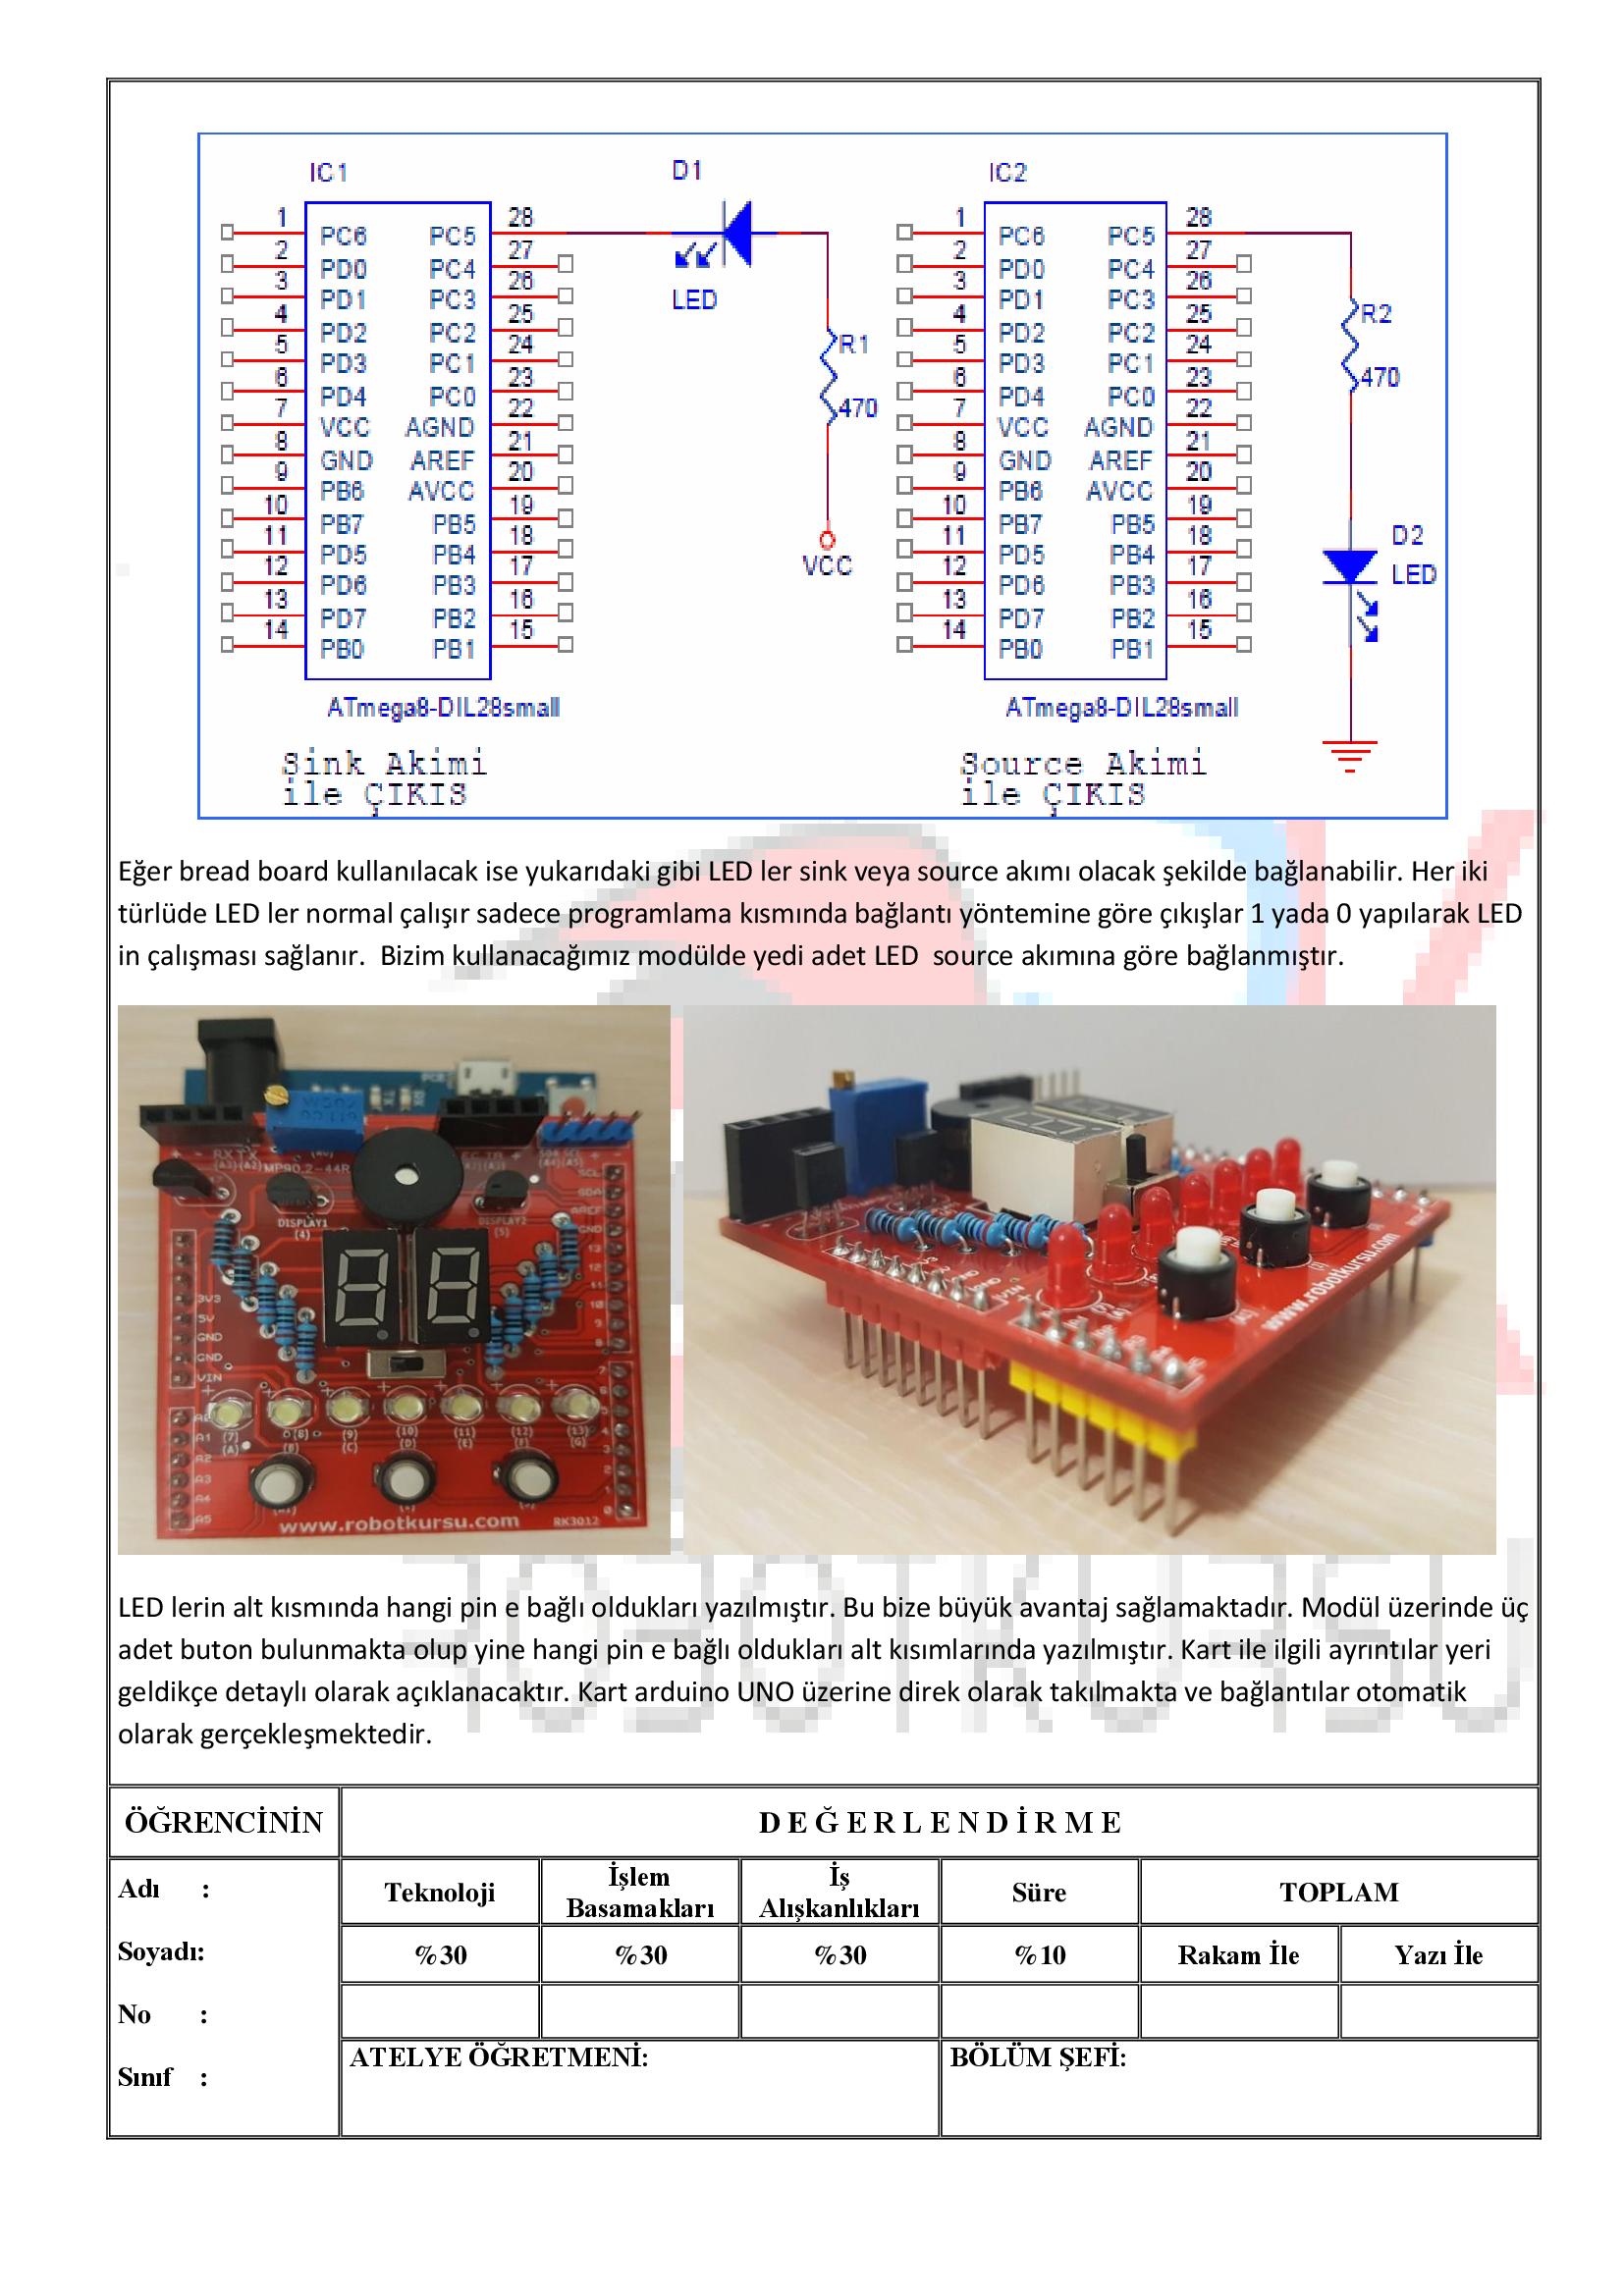 Temrin 101 : Arduino nedir, nasıl programlanır, çeşitleri nelerdir.